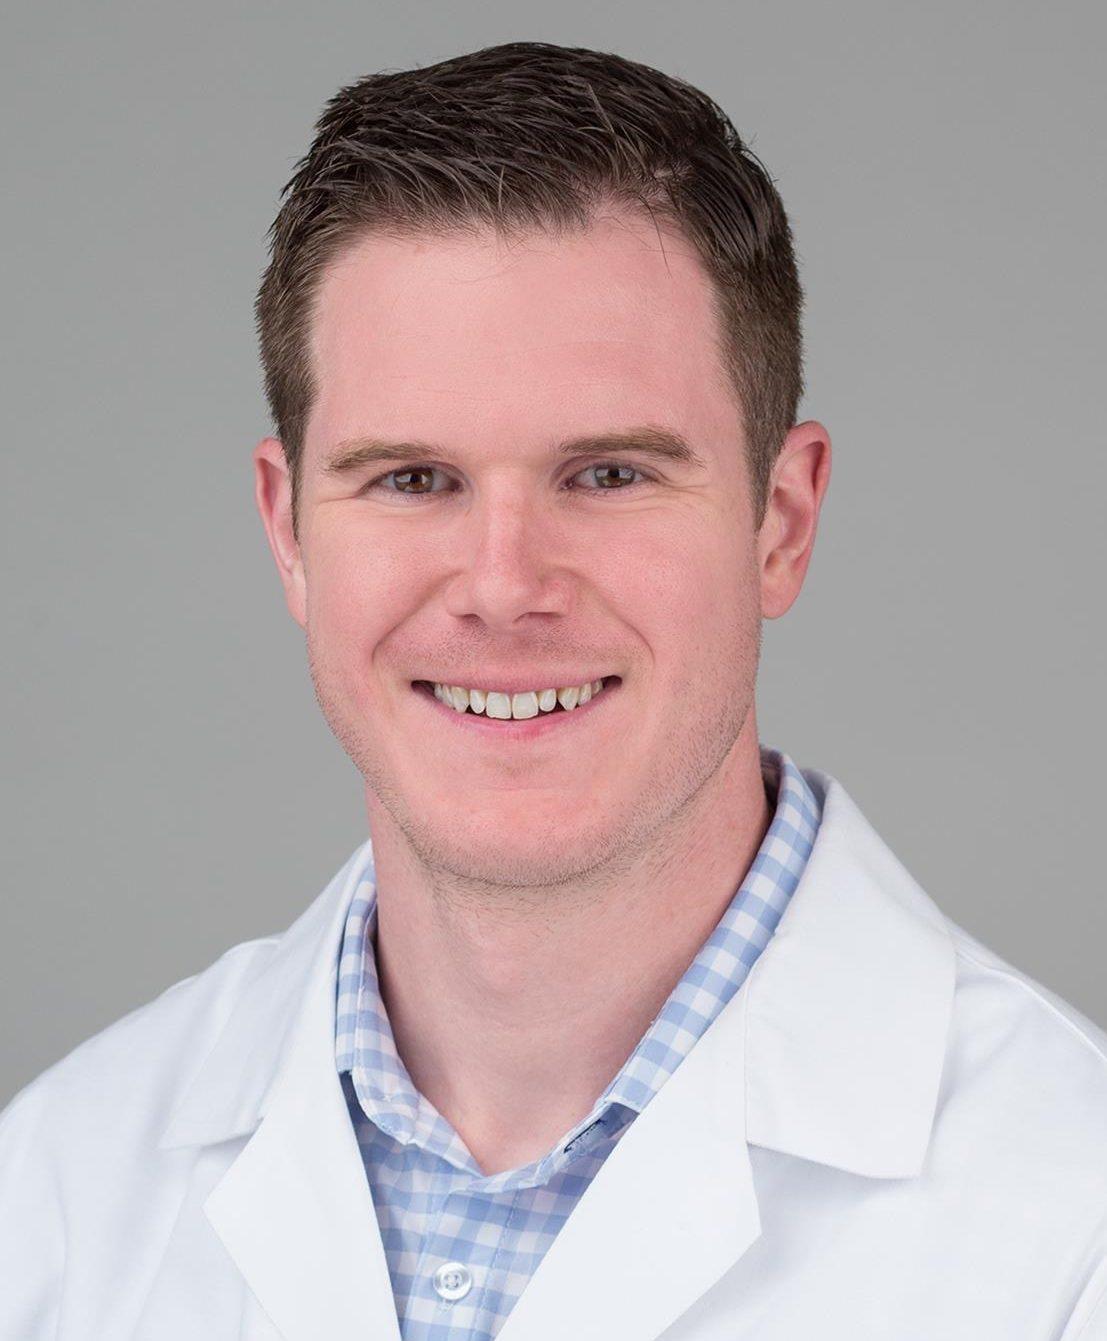 Matthew Hulse, MD